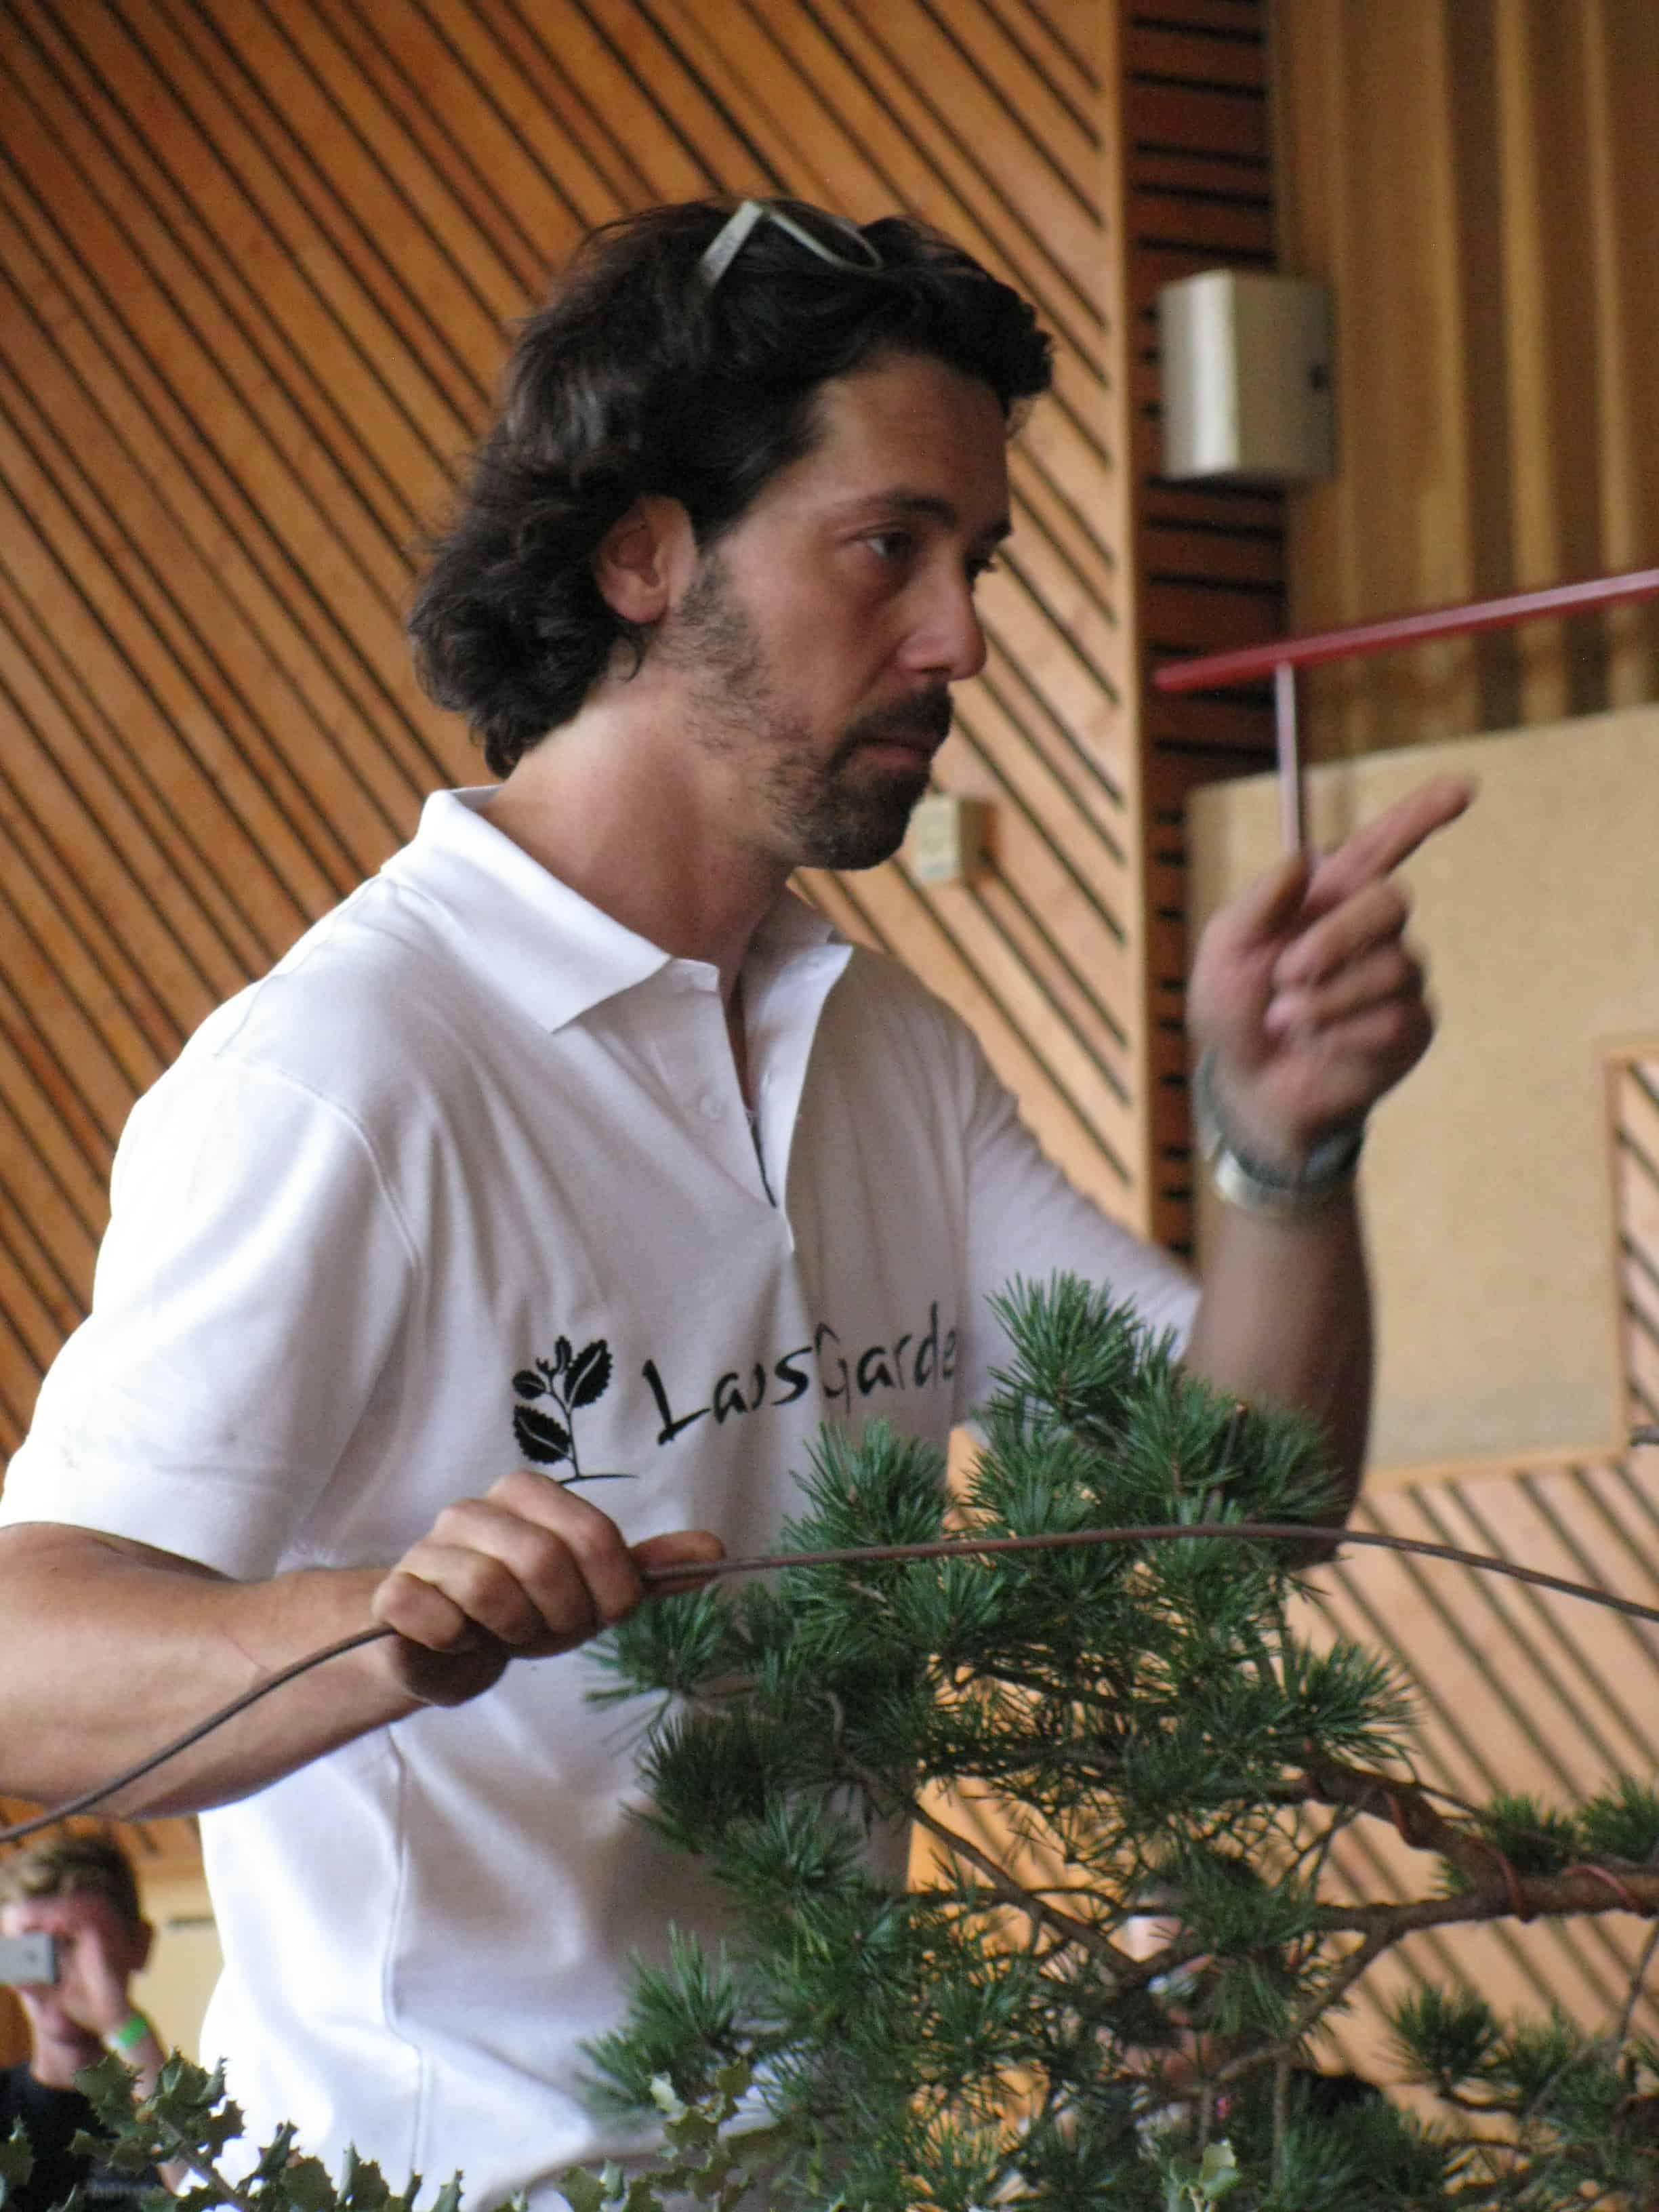 Marco Invernezzi pose un fil et répond à la question d'un spectateur : la classe !